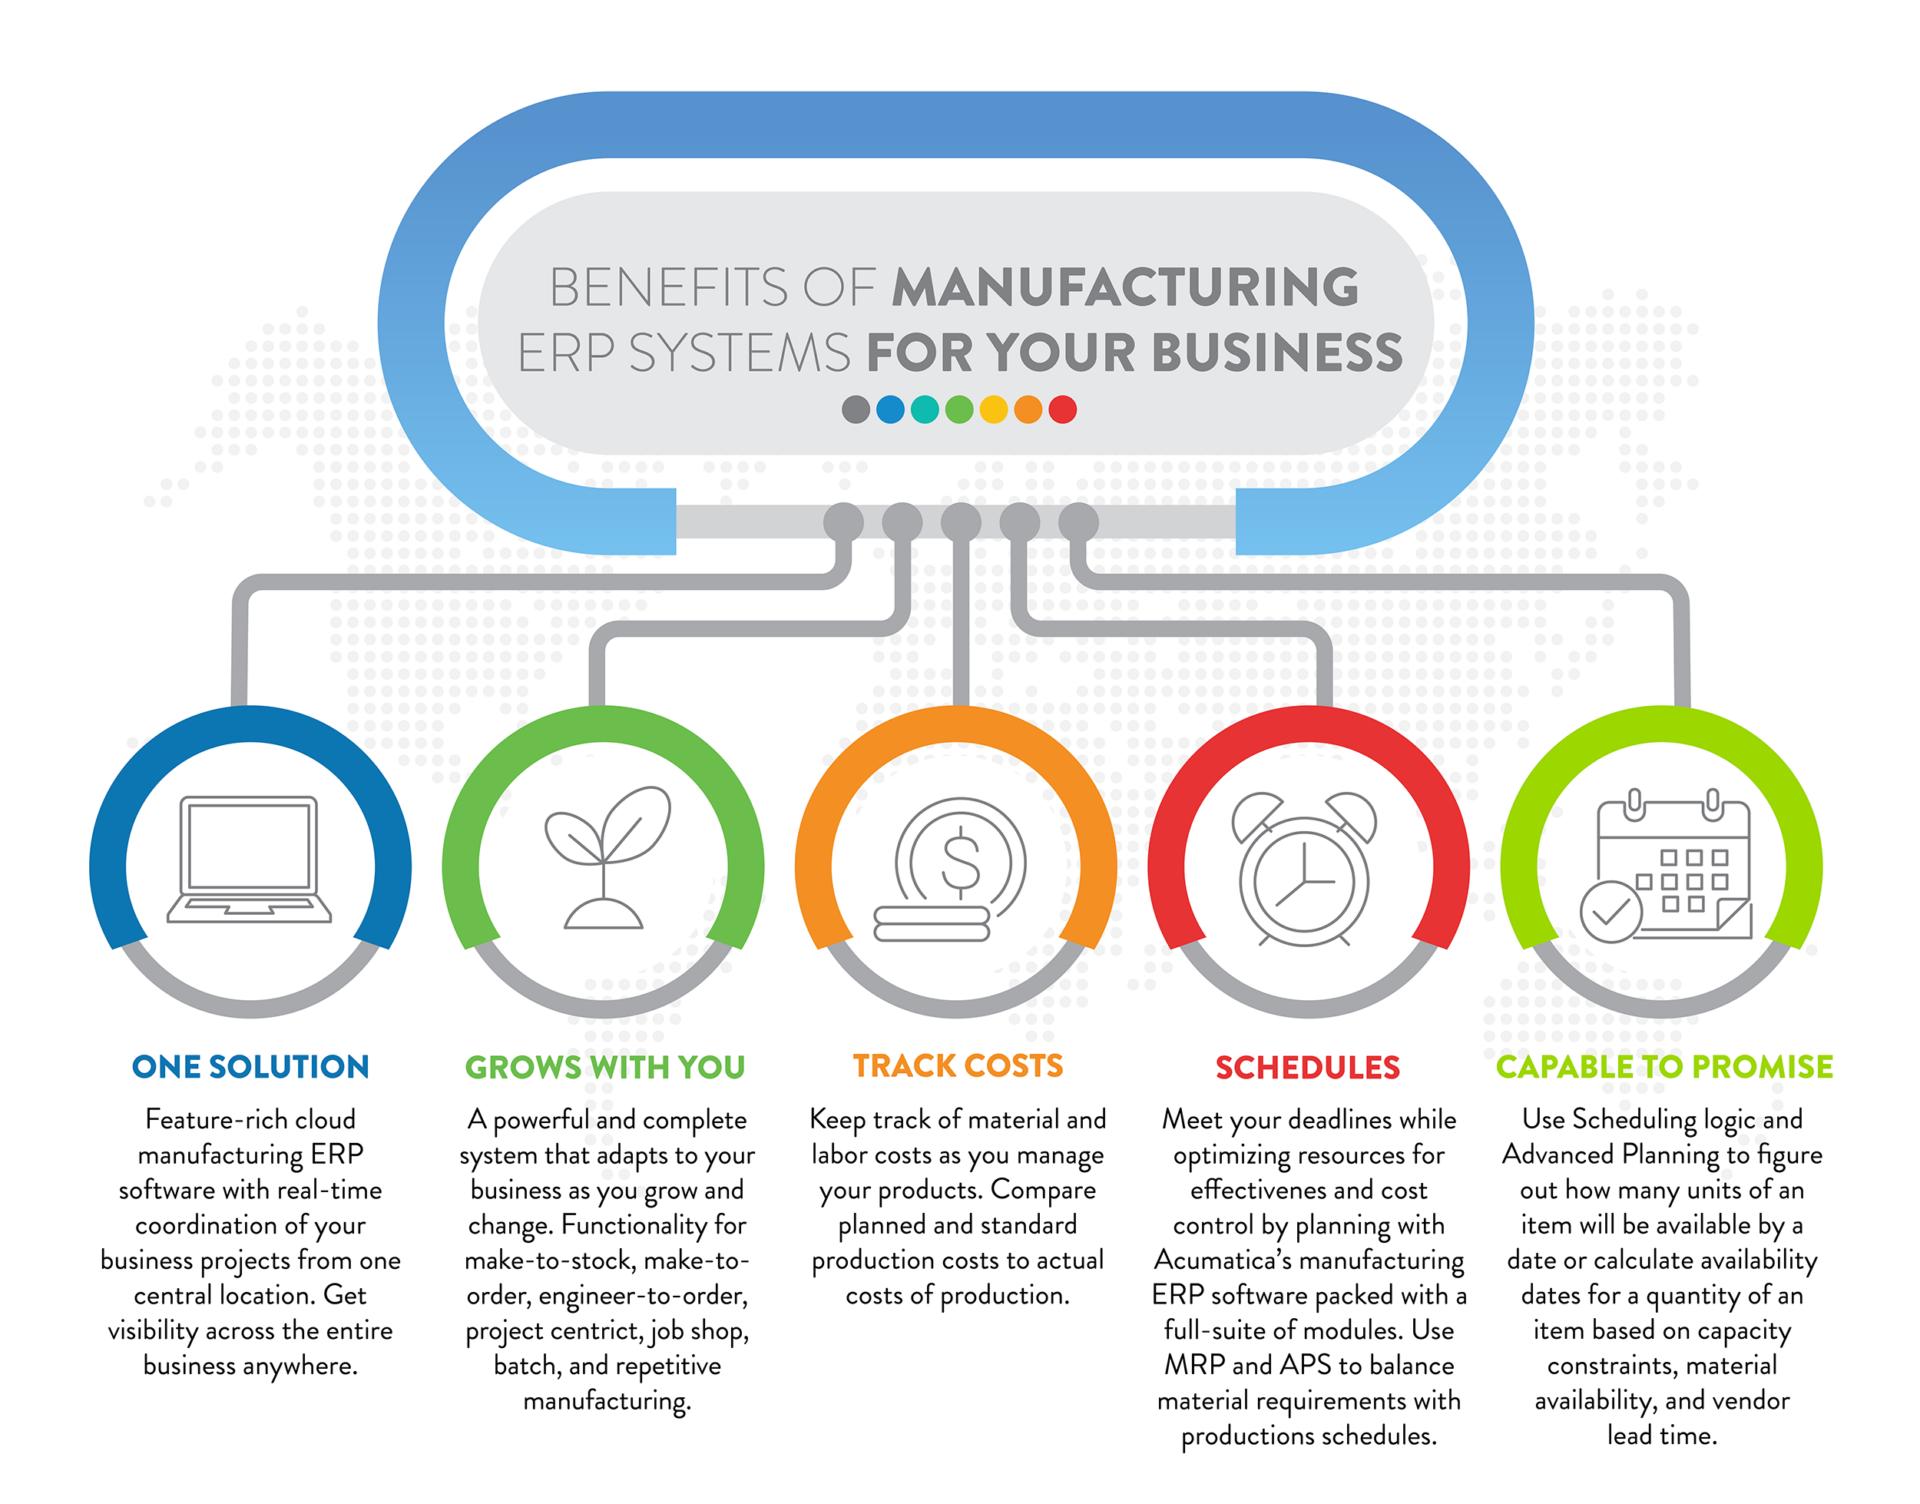 Acumatica Manufacturing